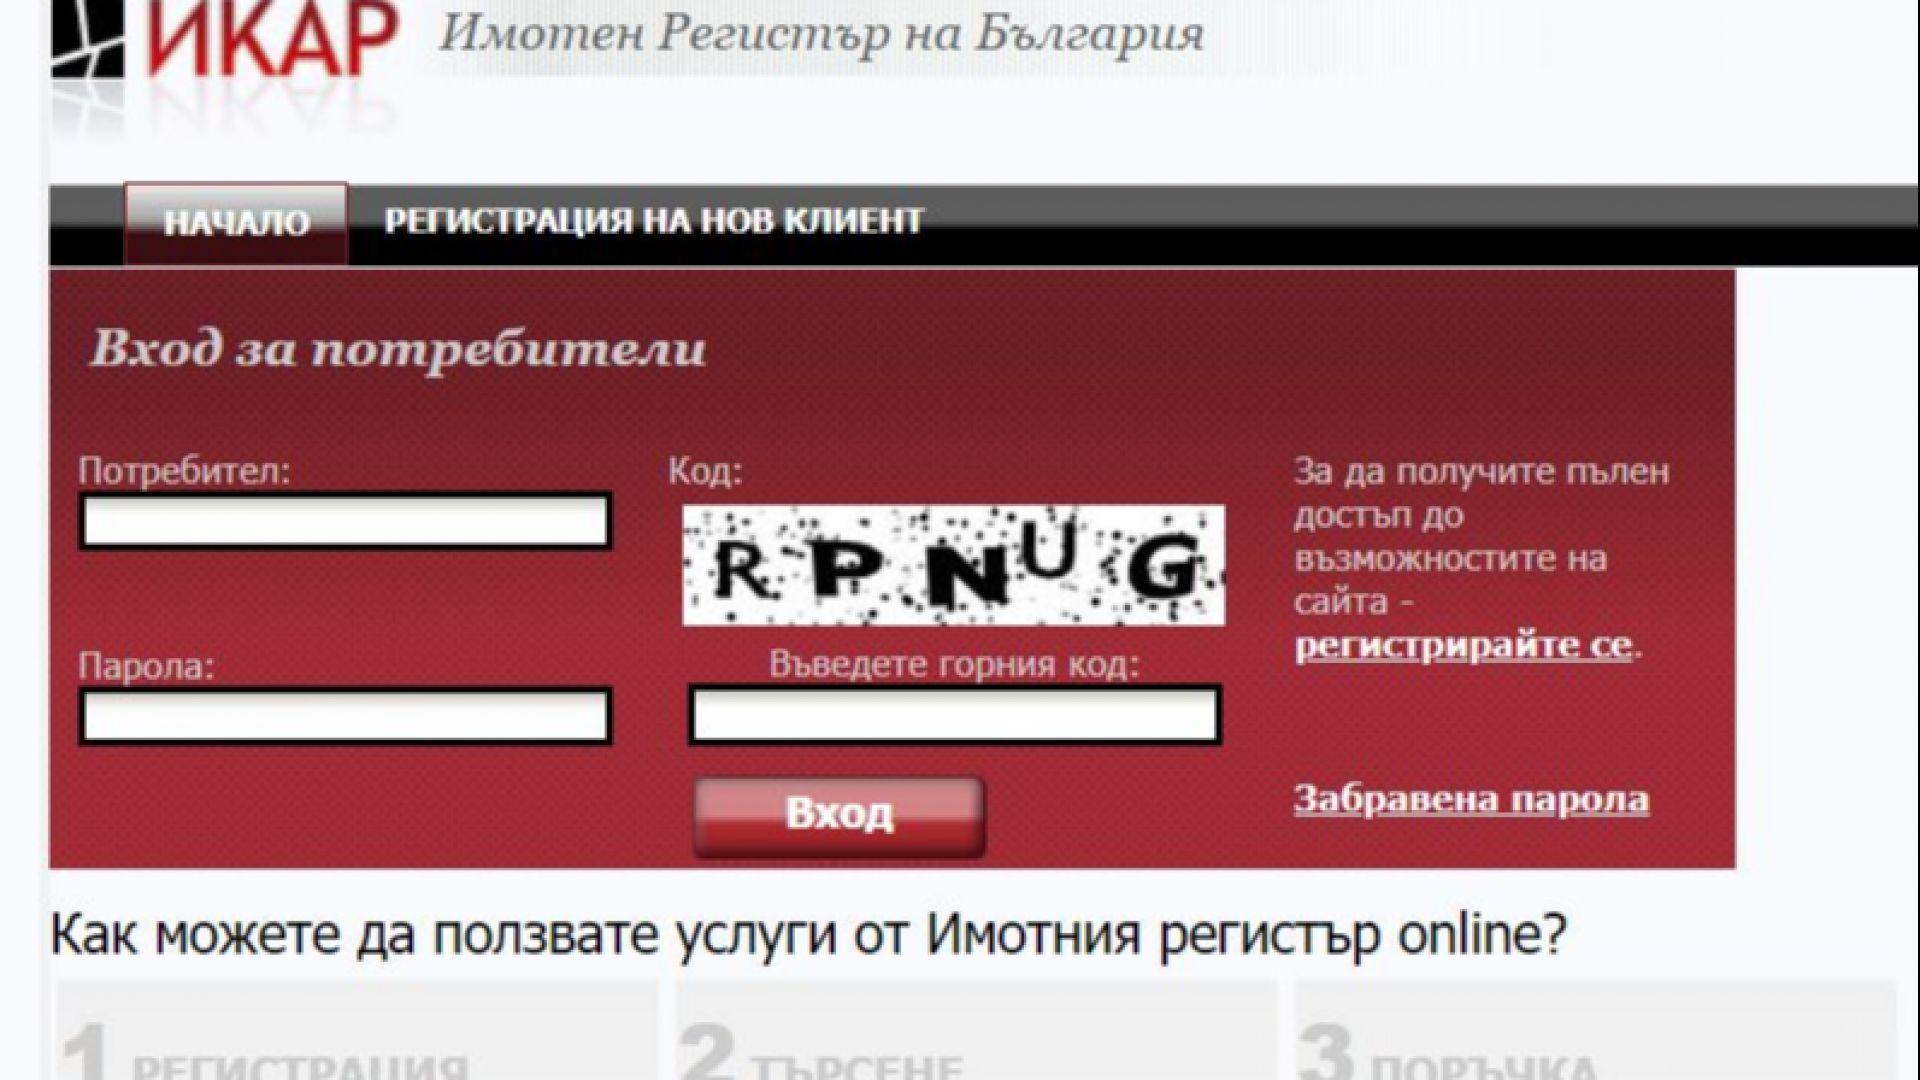 Сайтът на Имотния регистър спира да функционира на 24 юли